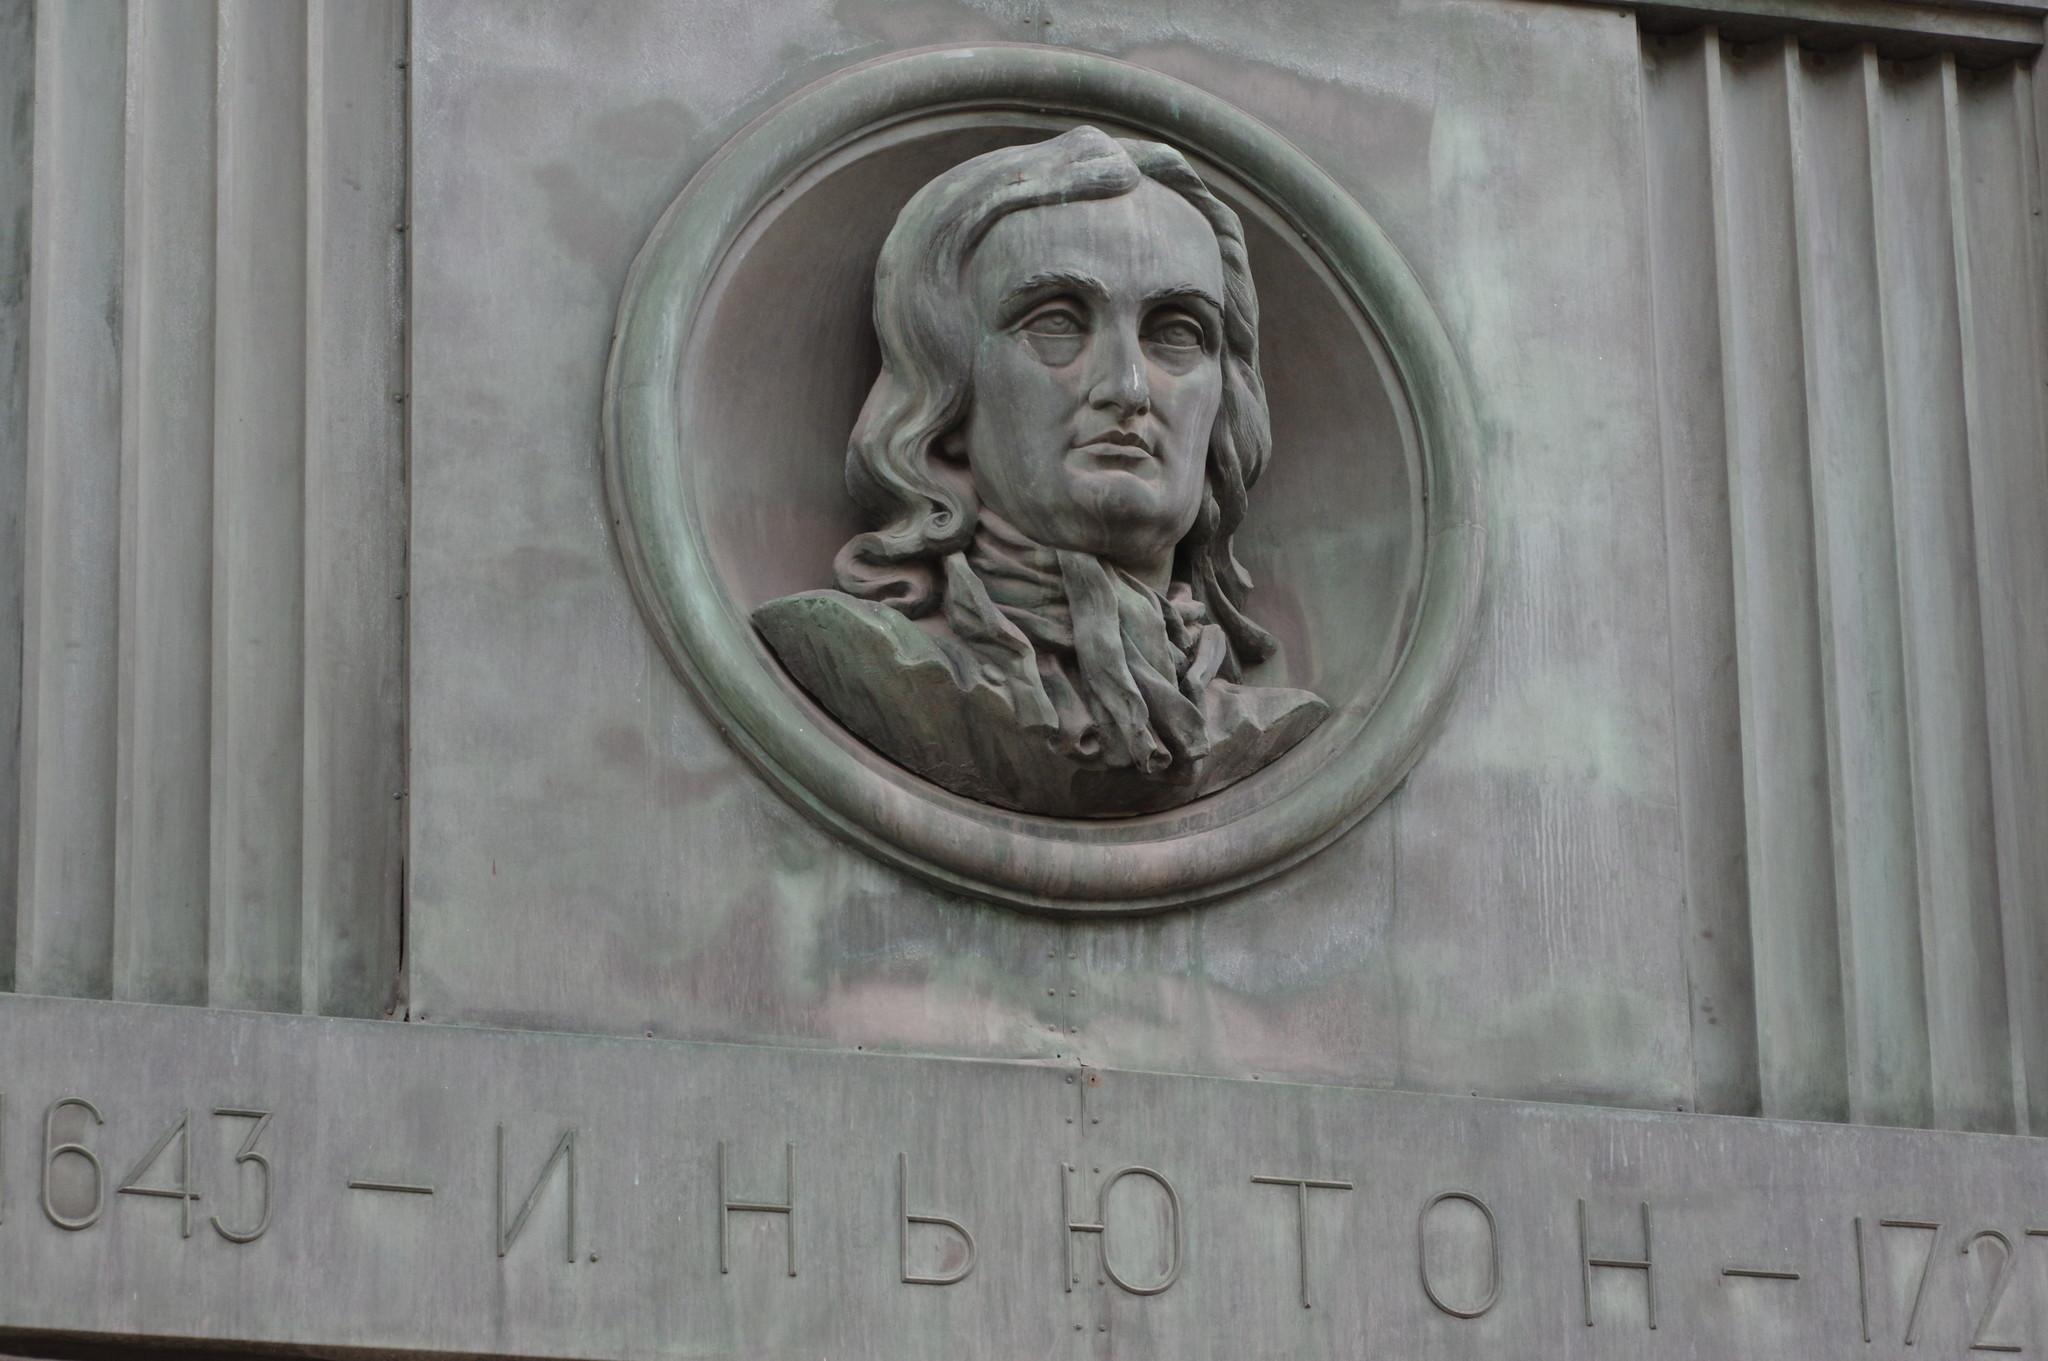 Бронзовый барельеф с изображением Исаака Ньютона расположенный между пилонами фасада Российской государственной библиотеки